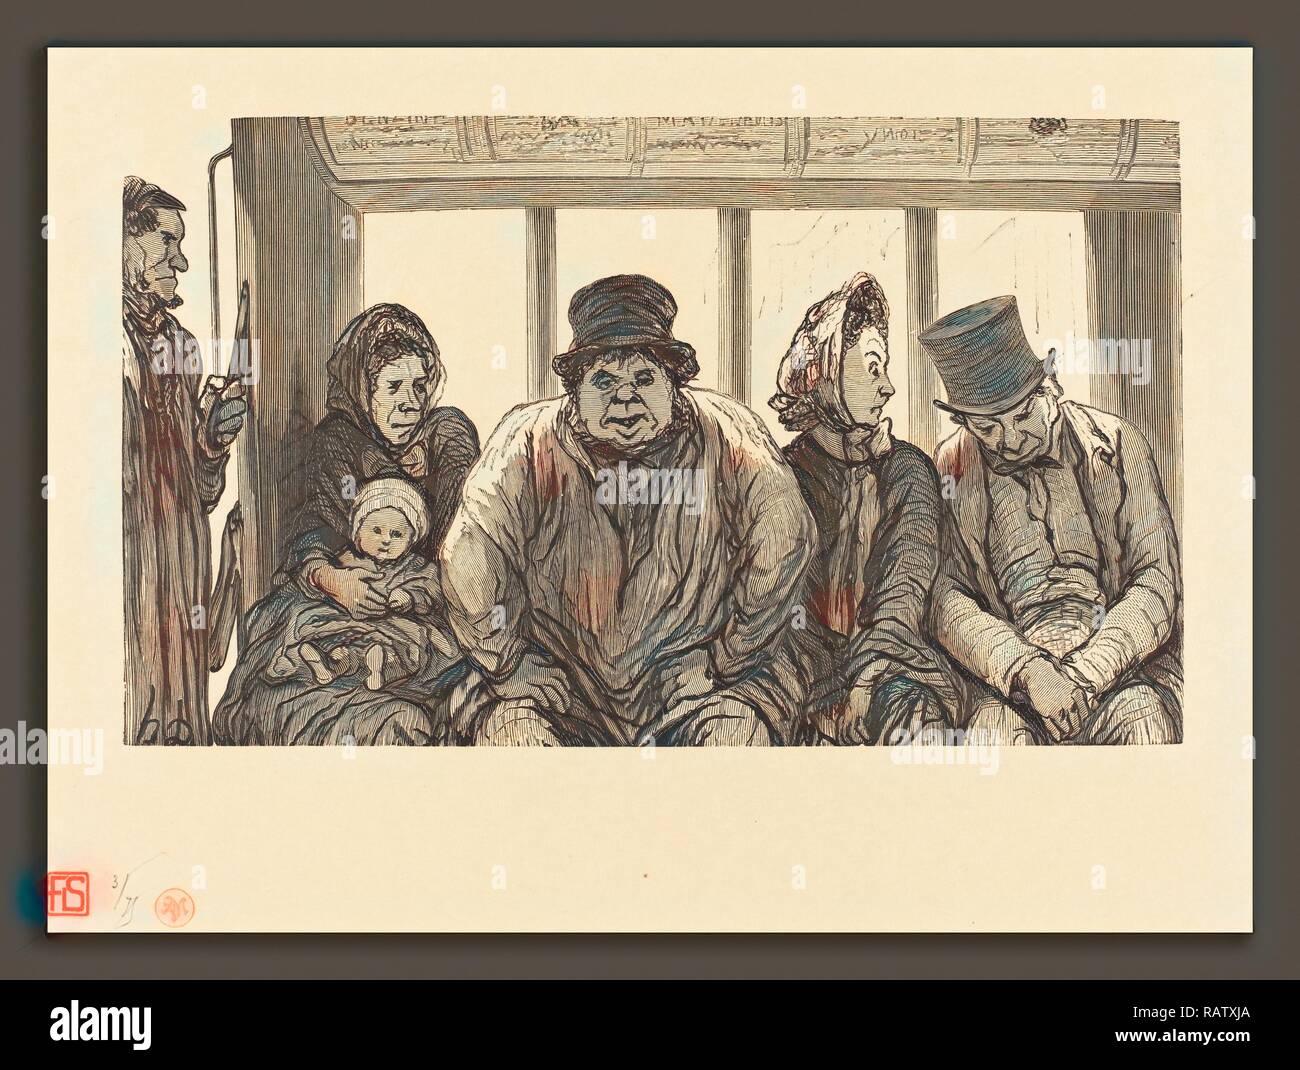 Charles Maurand nach Honoré Daumier (Französisch, aktive 1863-1881), Interieur d'un-Omnibus, 1864, holzstich Neuerfundene Stockbild